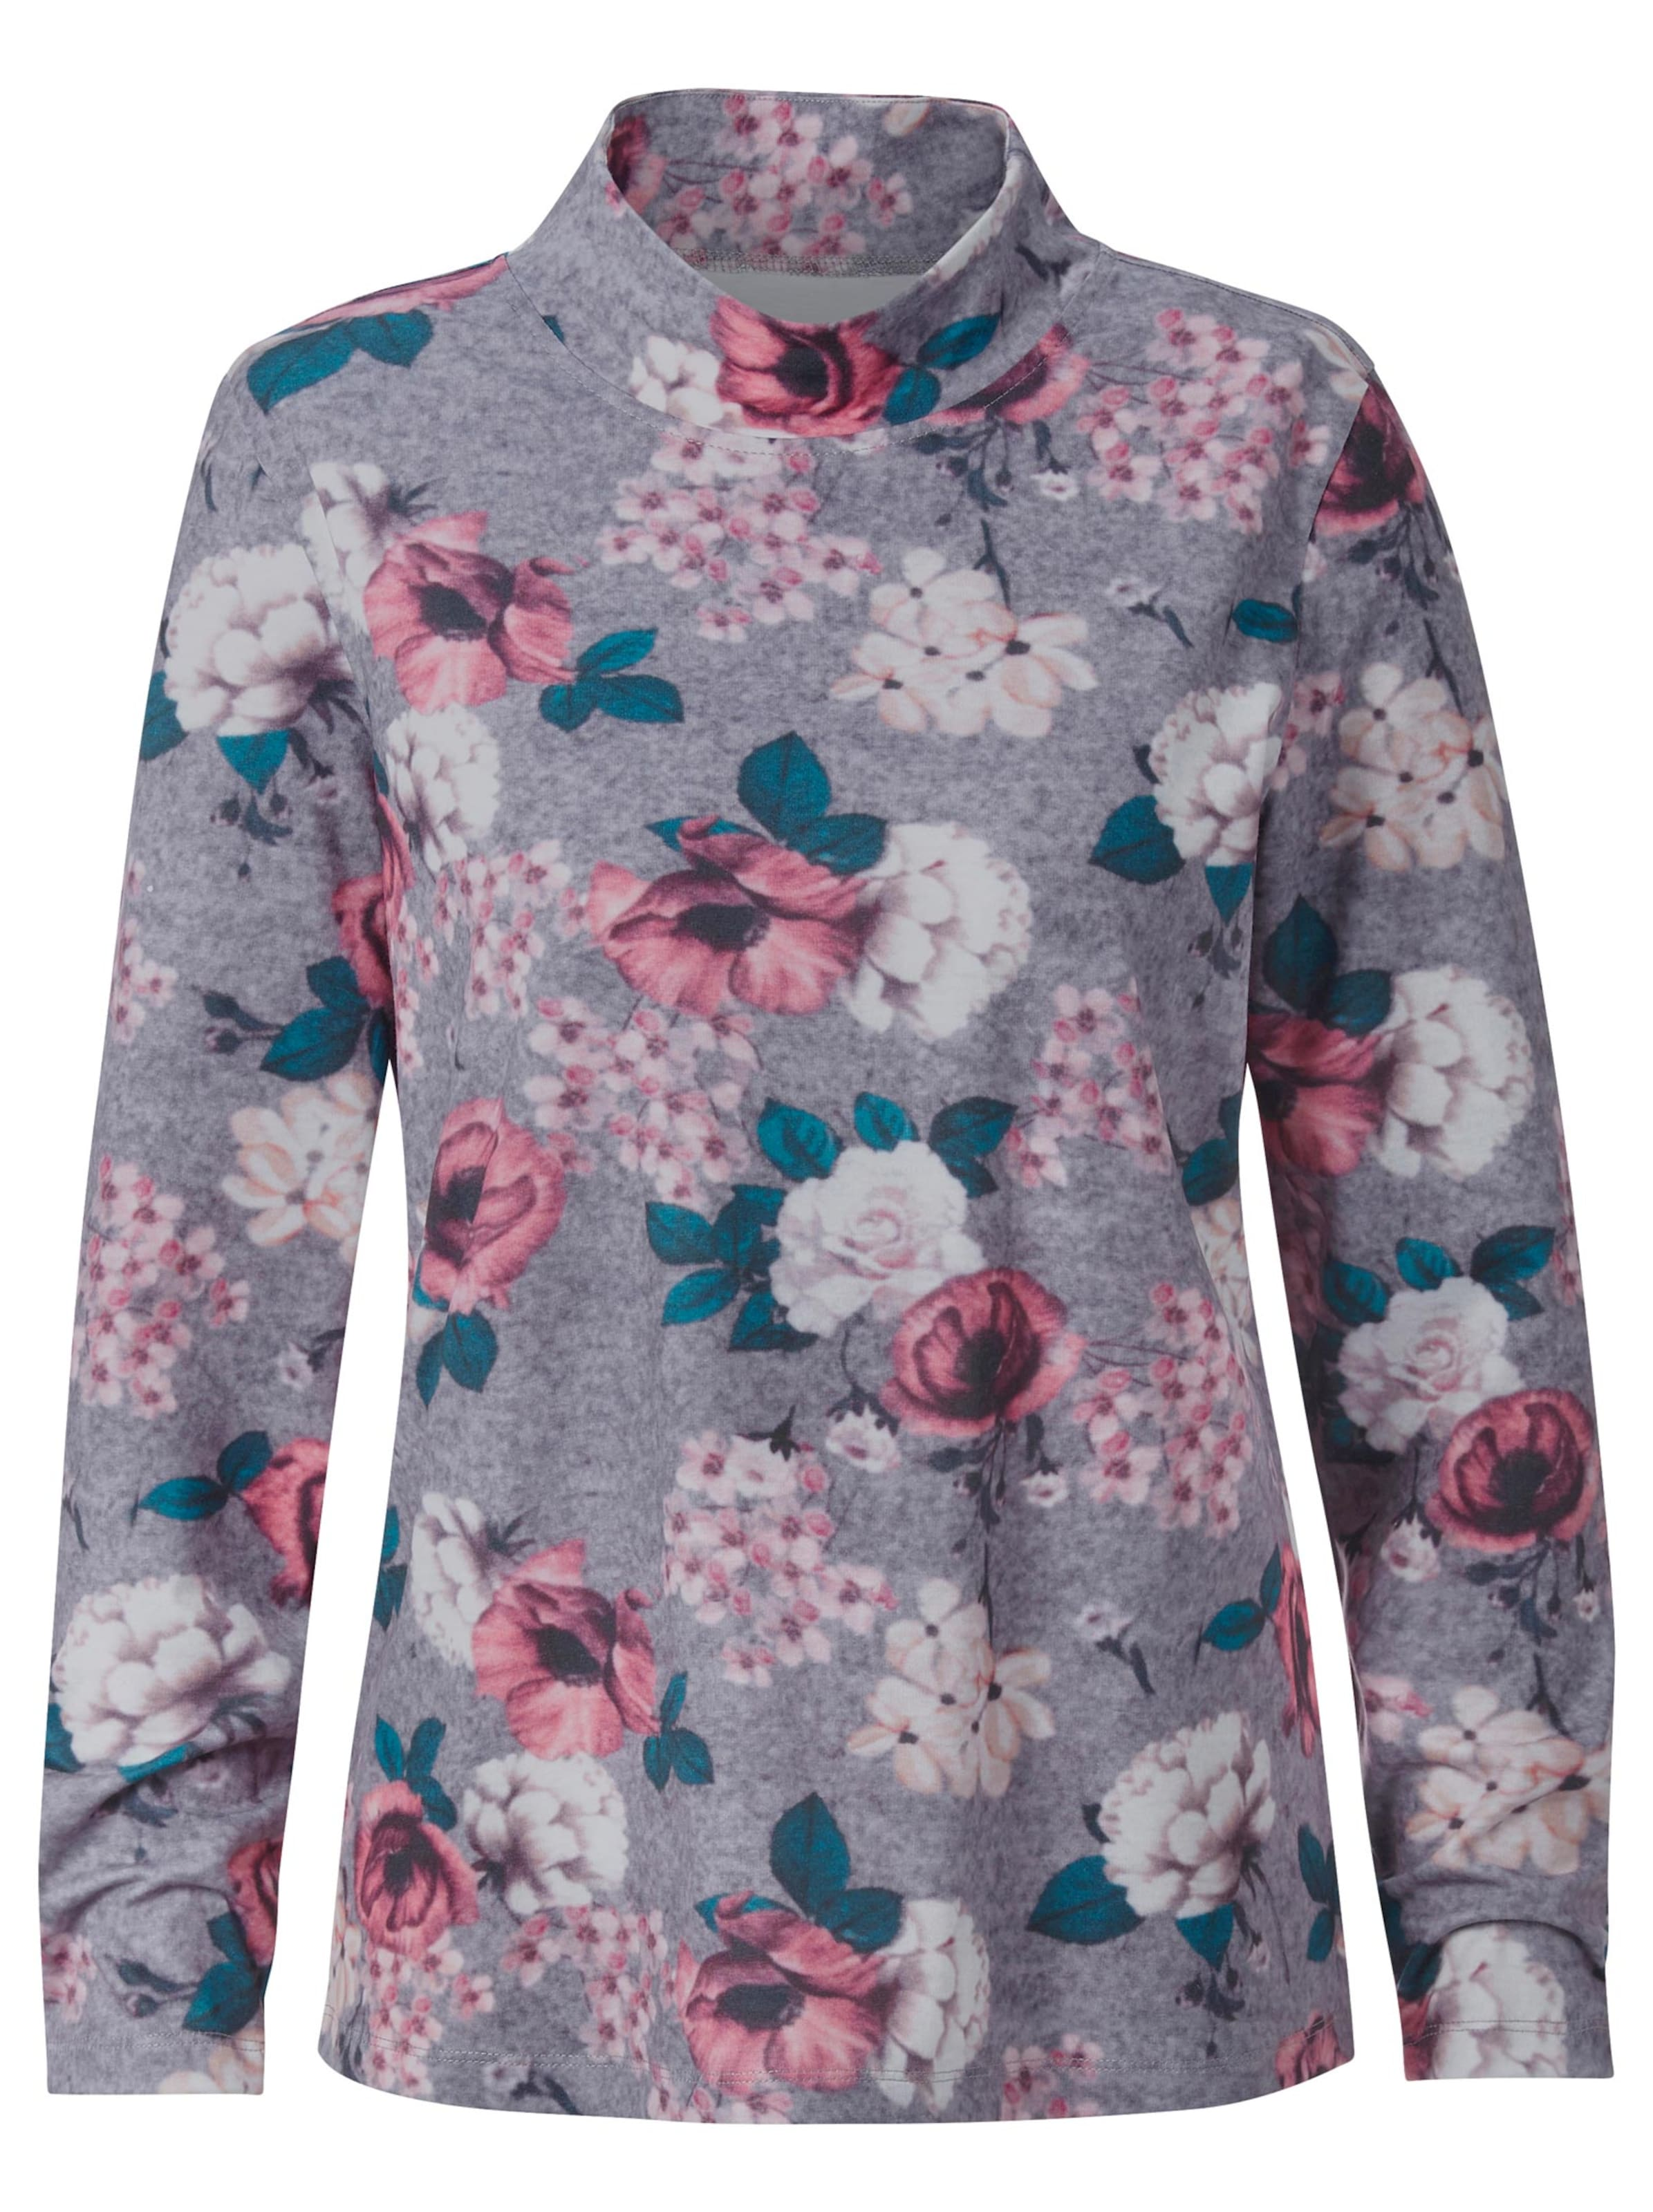 witt weiden -  Damen Winter-Shirt grau-beere-bedruckt